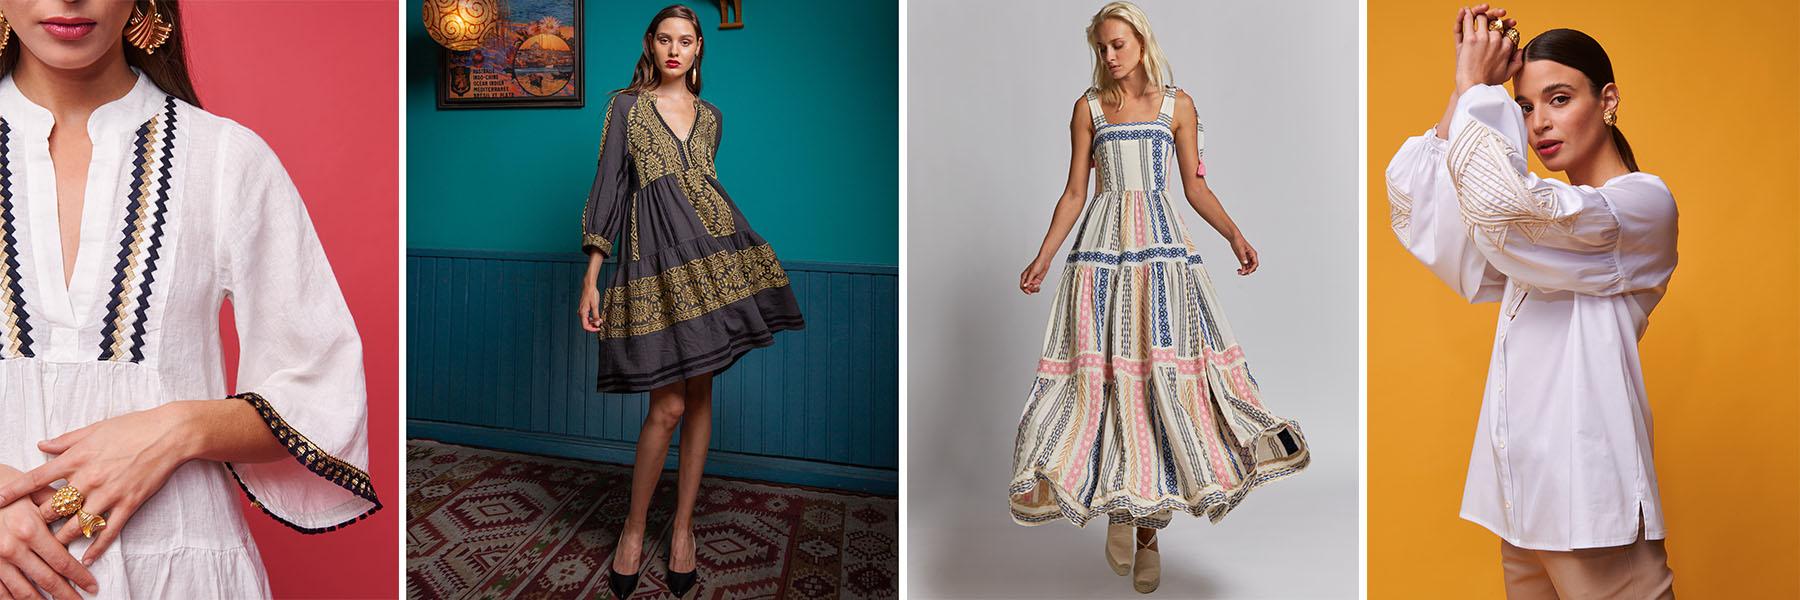 Yiamos-Luxury-Boutique-Yialova-Eshop γυναικεία ρούχα